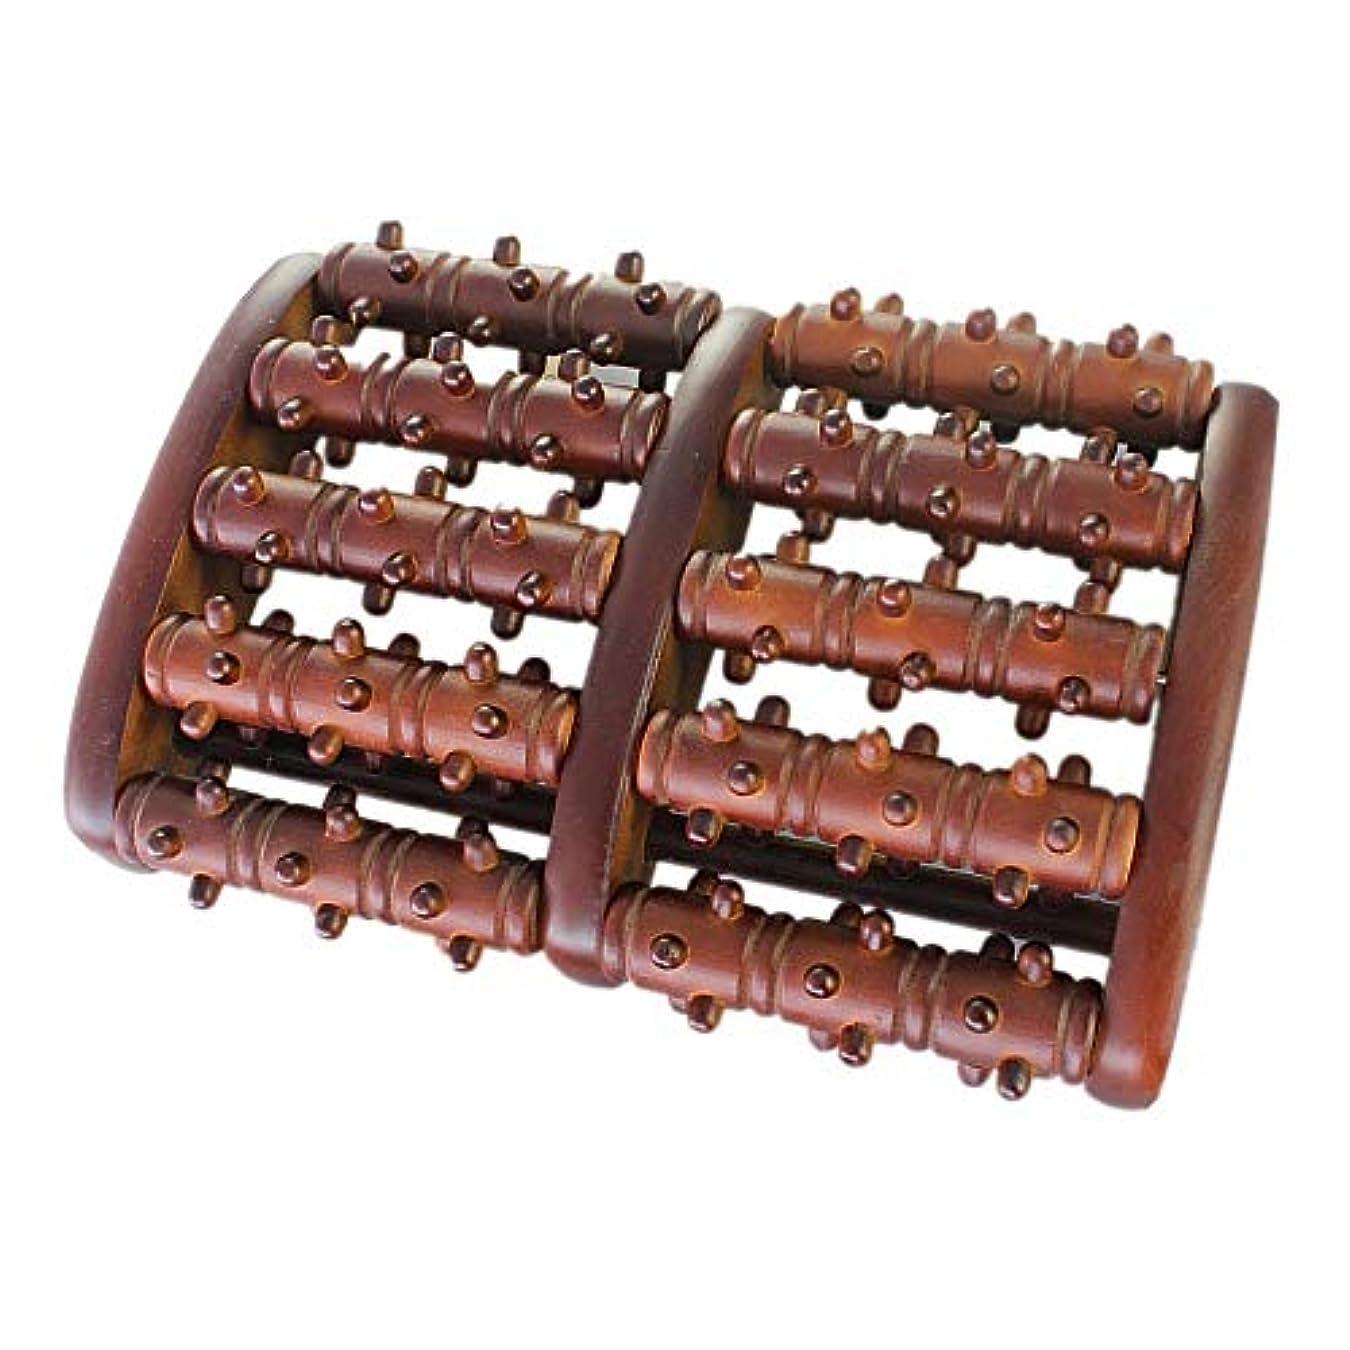 障害デコラティブターミナル足裏マッサージローラー 靴底フットマッサージローラー大型デュアルマッサージローラーの木製フットマッサージャー五行 軽量で使いやすく、足の痛みを和らげます (Color : As picture, Size : 27.5x18x5cm)